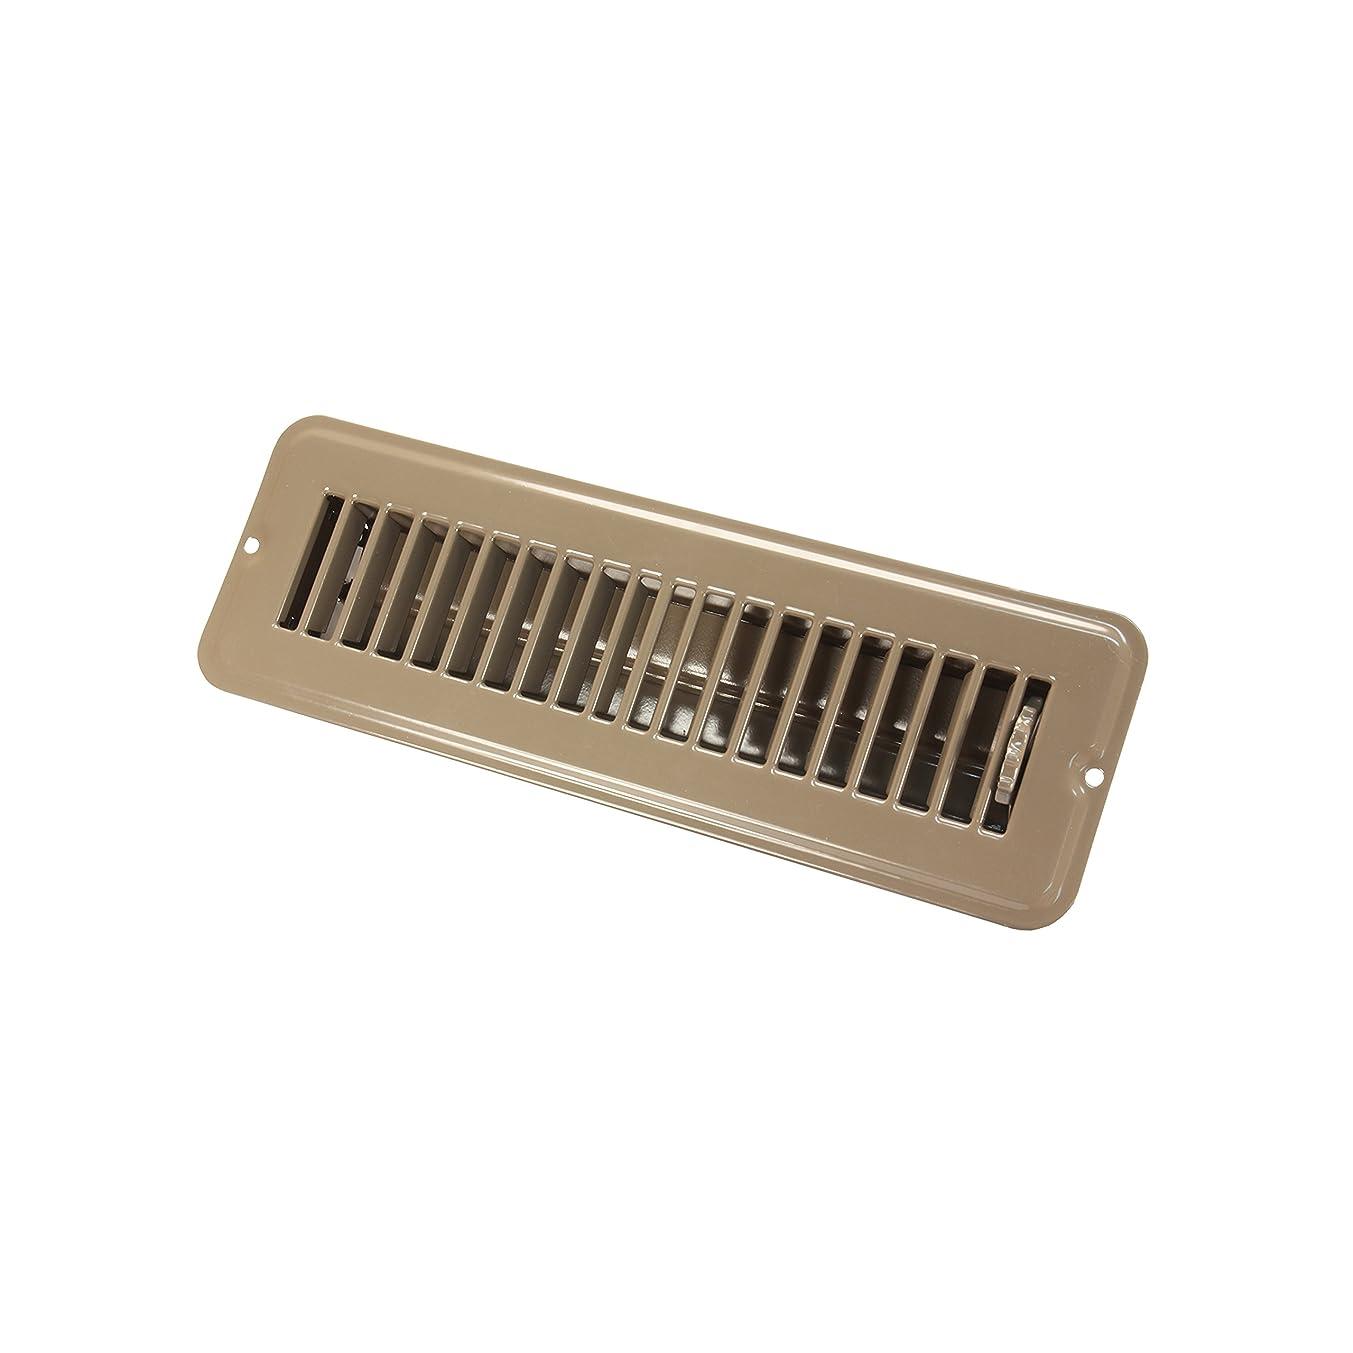 JR Products 02-28915 Dampered Floor Register - 2